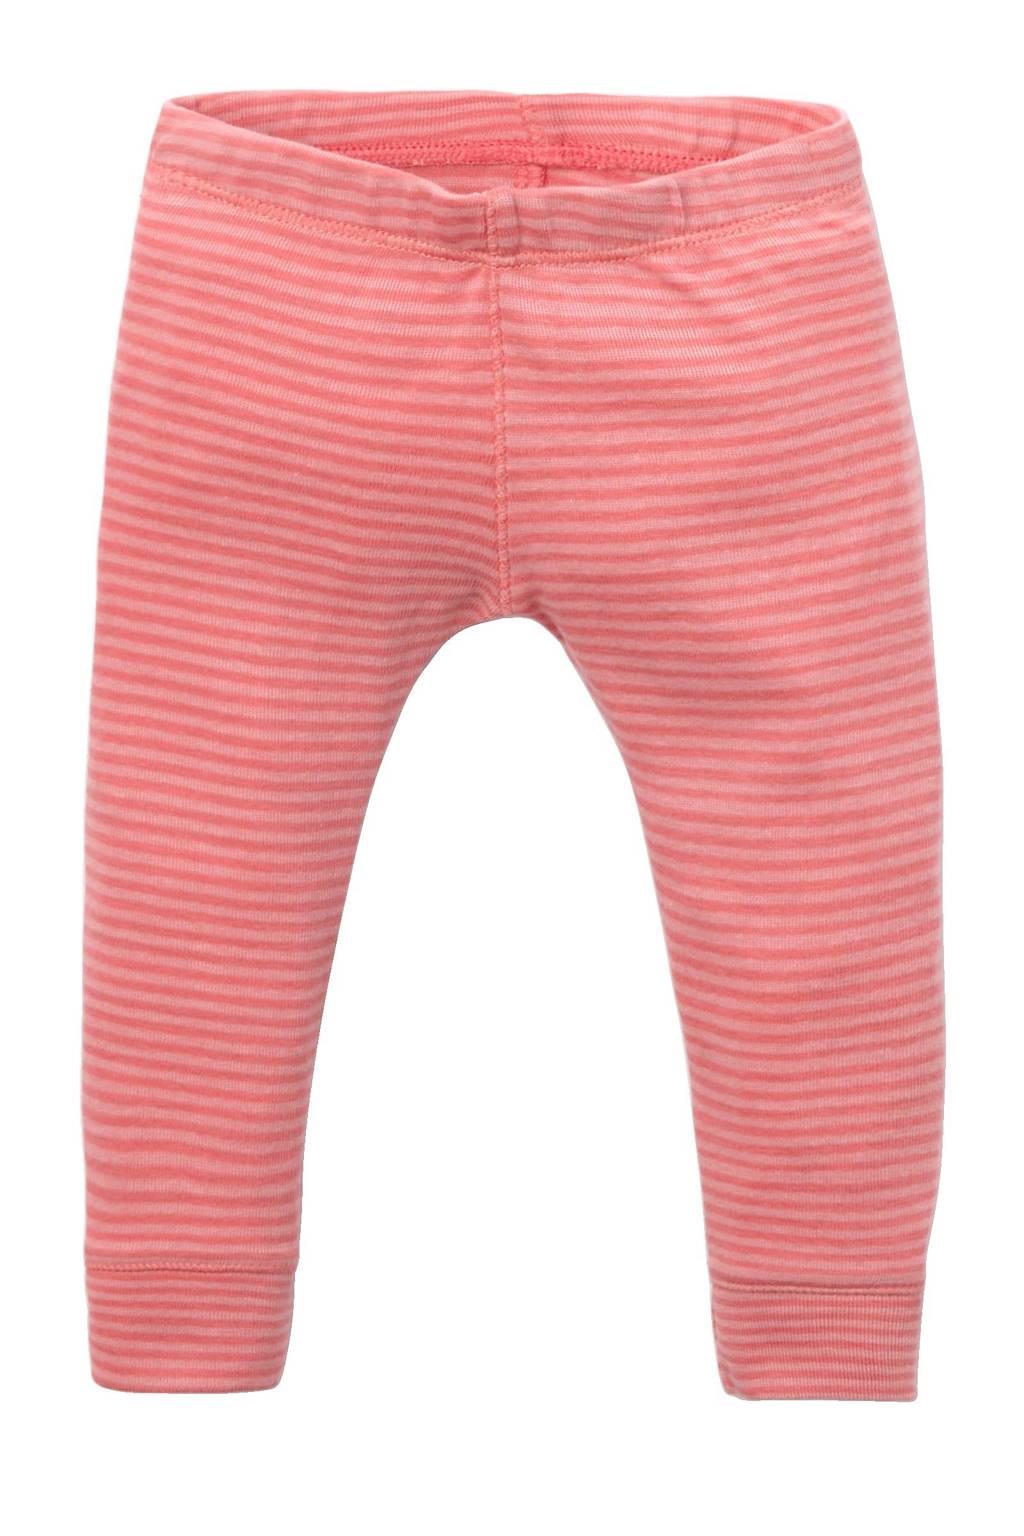 IMPS&ELFS baby gestreepte legging van biologisch katoen roze, Roze